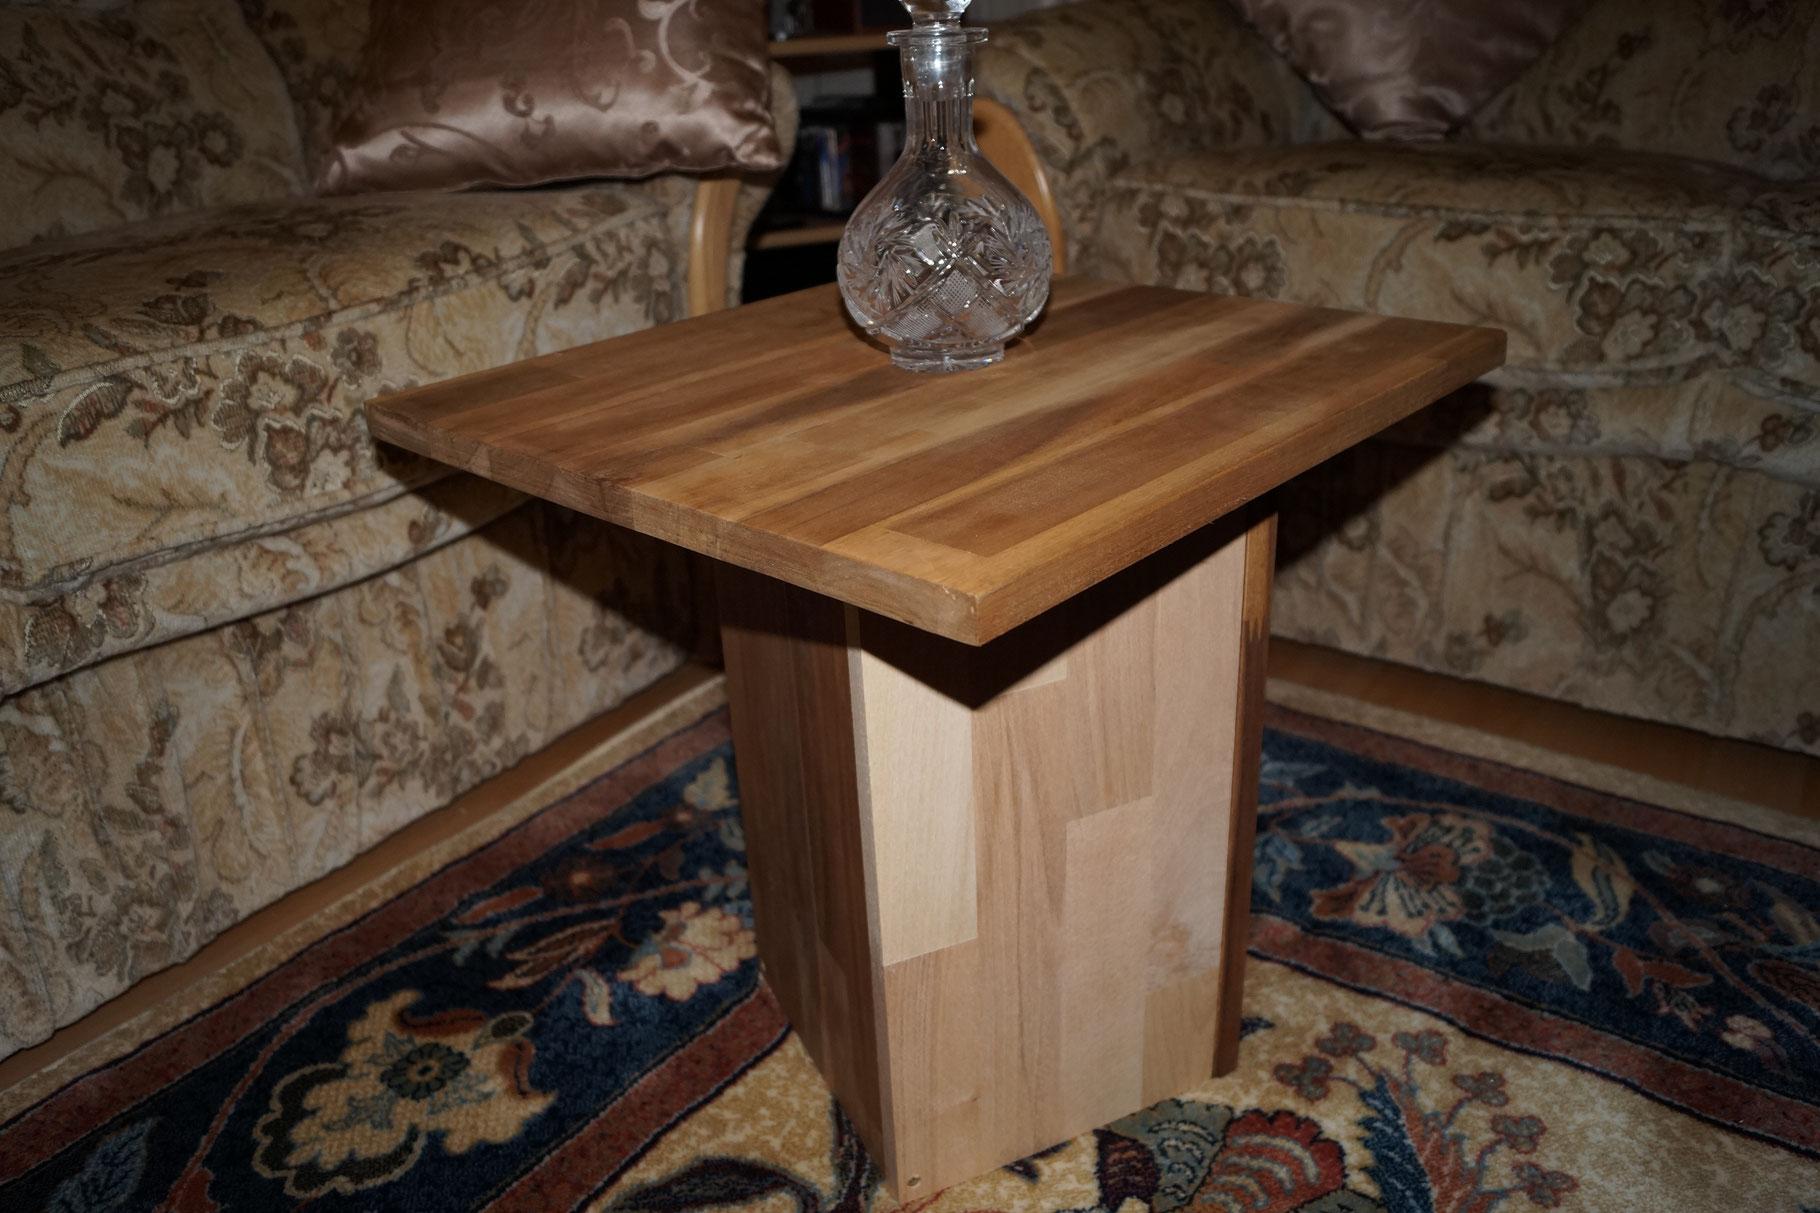 akazien couchtisch artgerechte gehege f r meerschweinchen rennm use hamster und vieles mehr. Black Bedroom Furniture Sets. Home Design Ideas